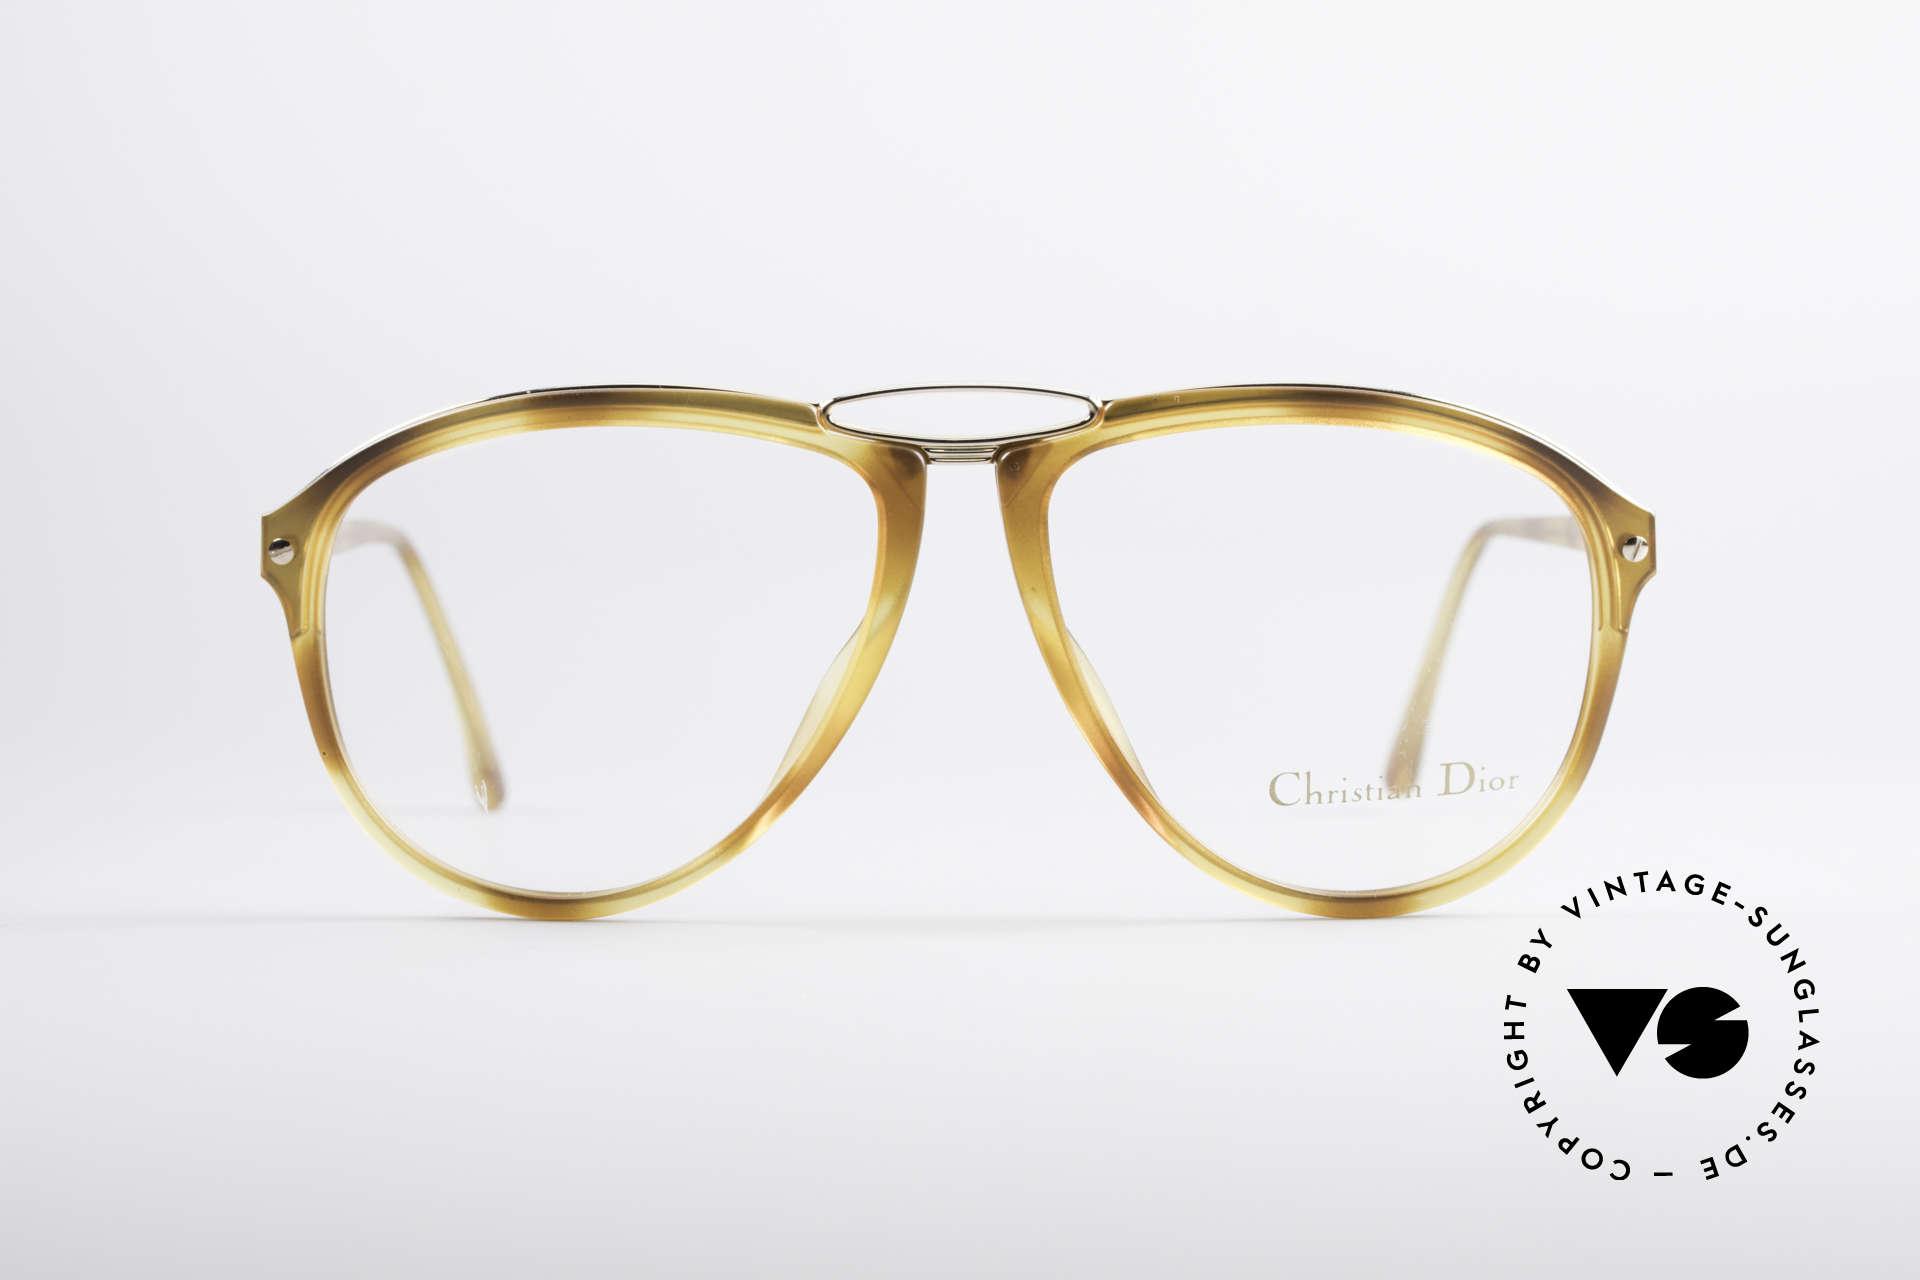 Christian Dior 2523 80er No Retrobrille Herren, eine echte Alternative zur gewöhnlichen 'Pilotenbrille', Passend für Herren